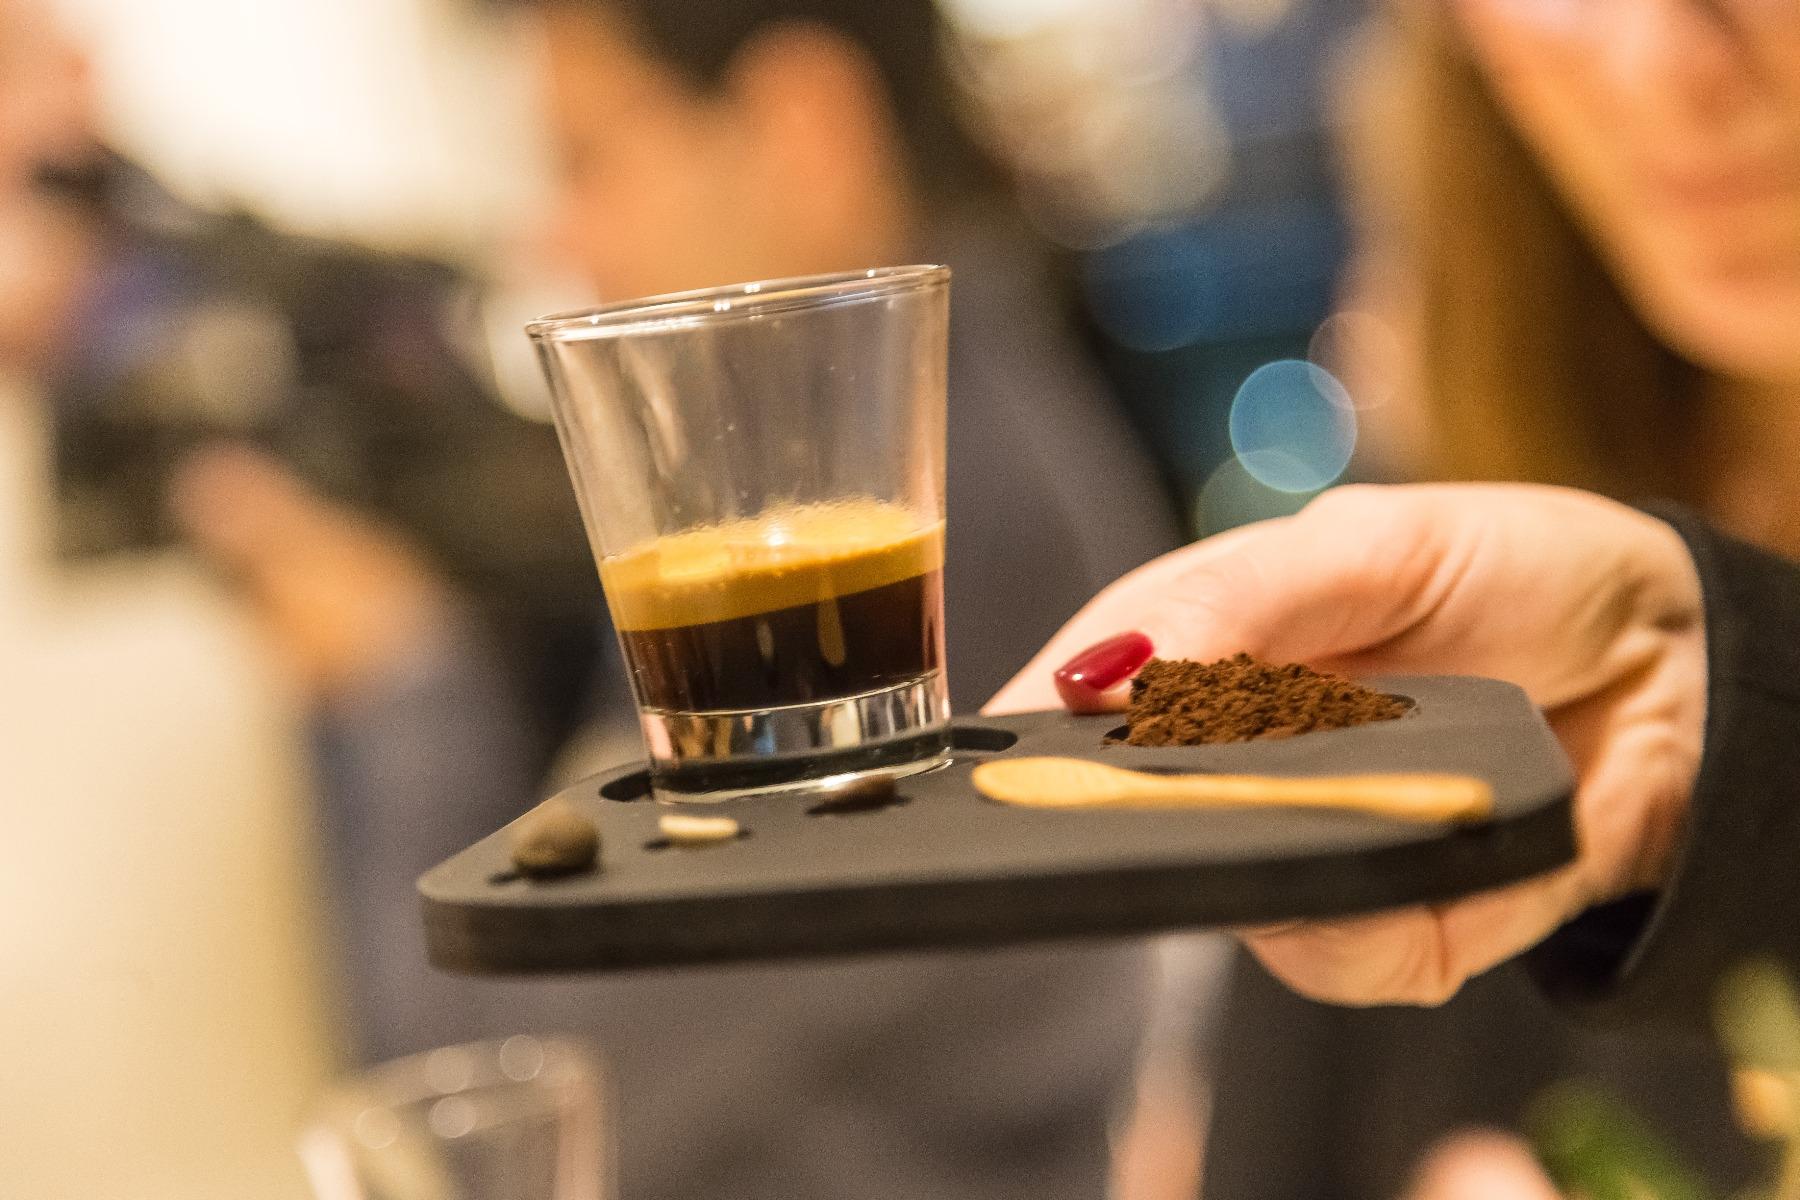 Un caffè buono e sostenibile, la guida per scegliere la macchina Espresso perfetta